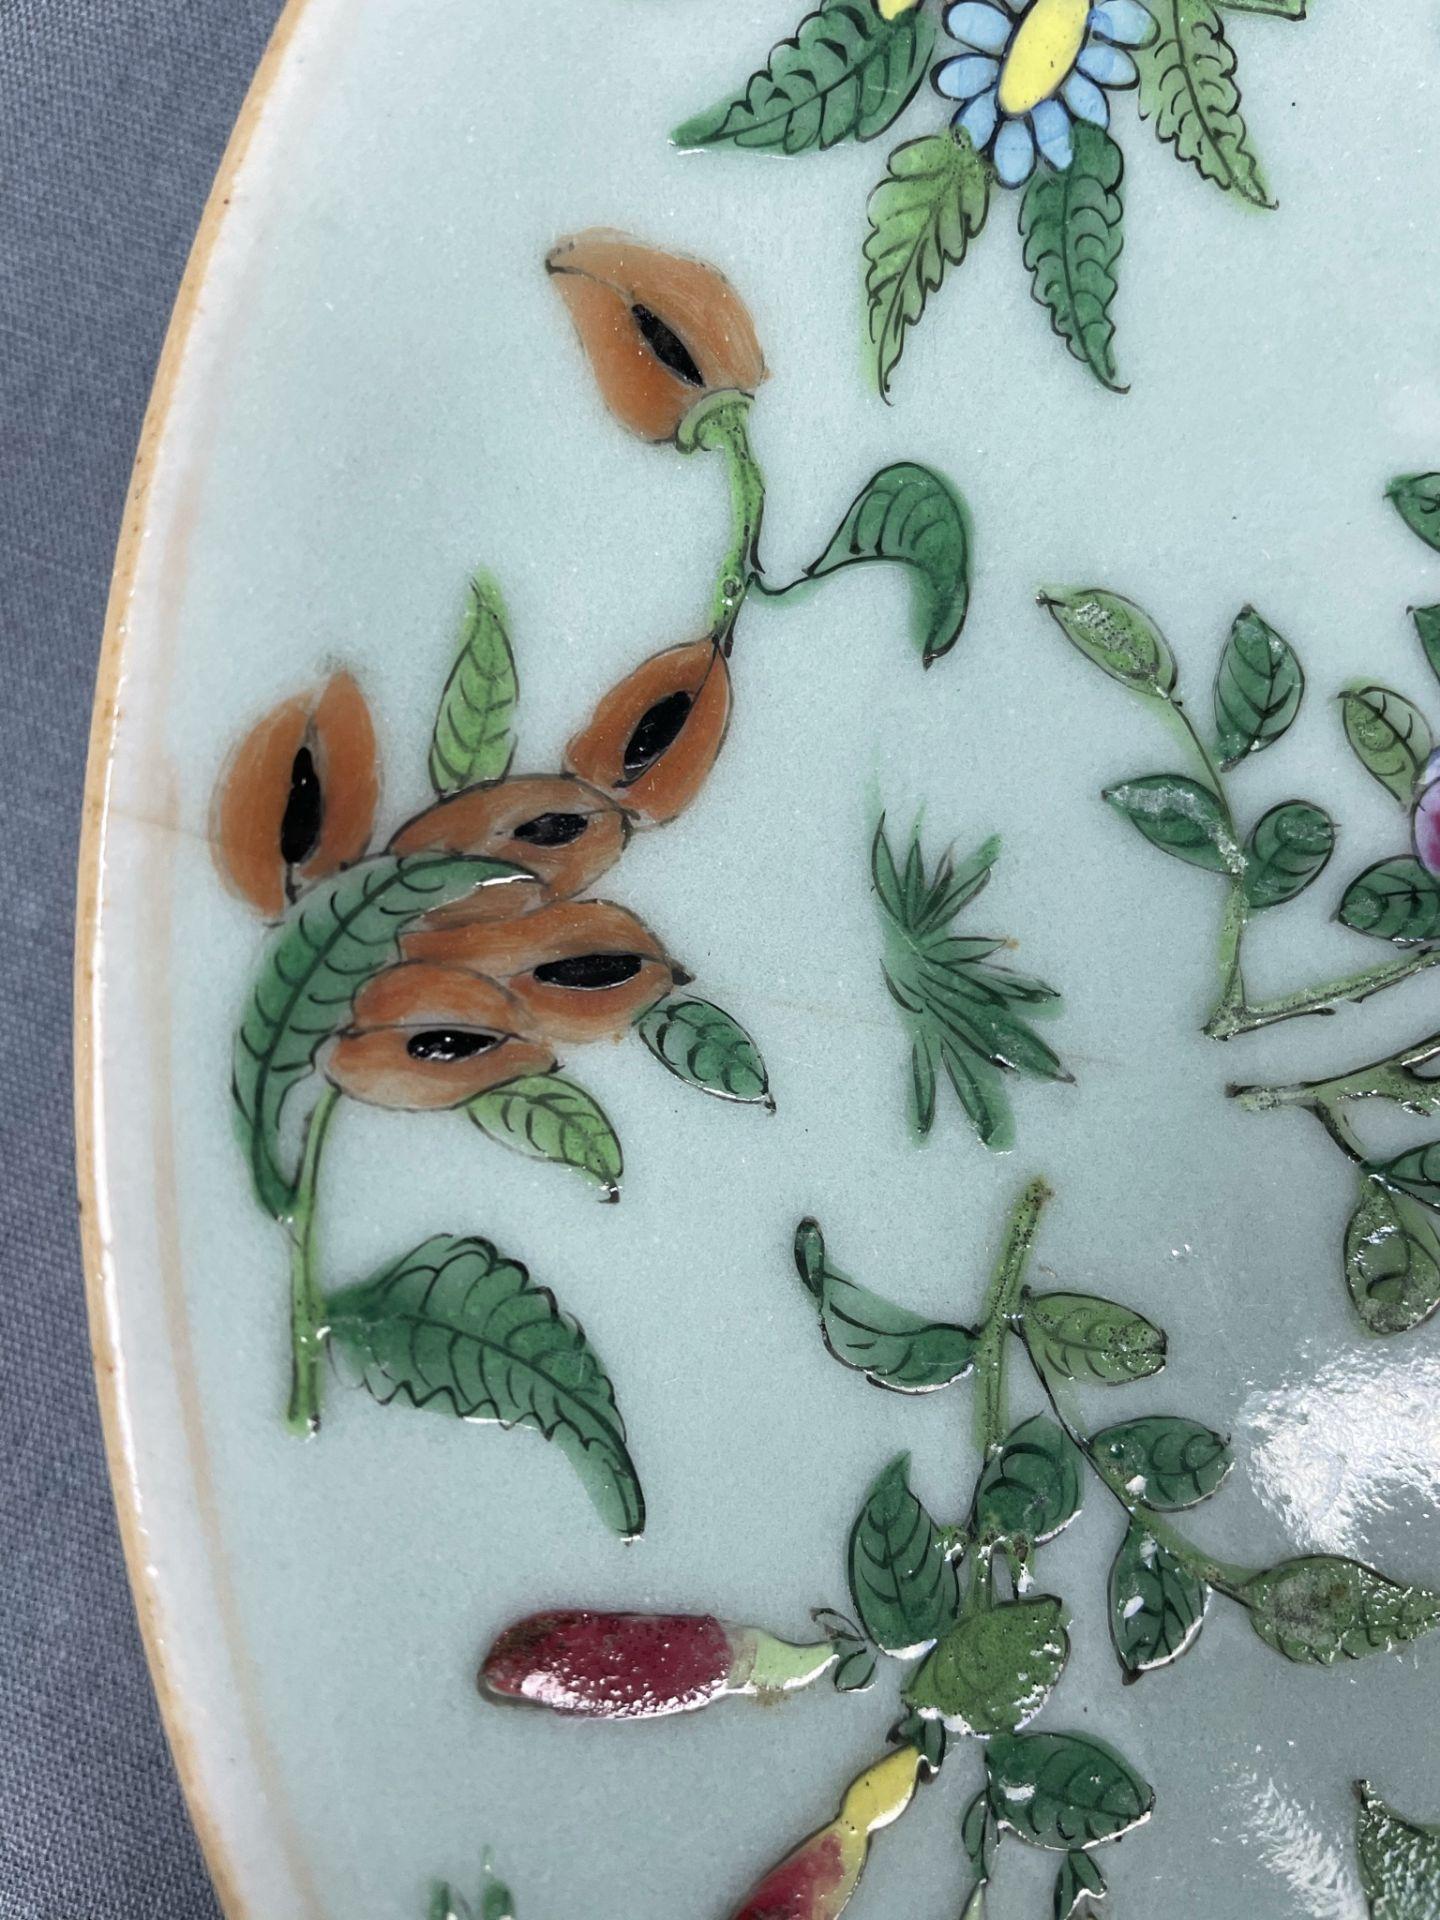 2 Platten. Porzellan. Wohl China antik. - Image 12 of 16